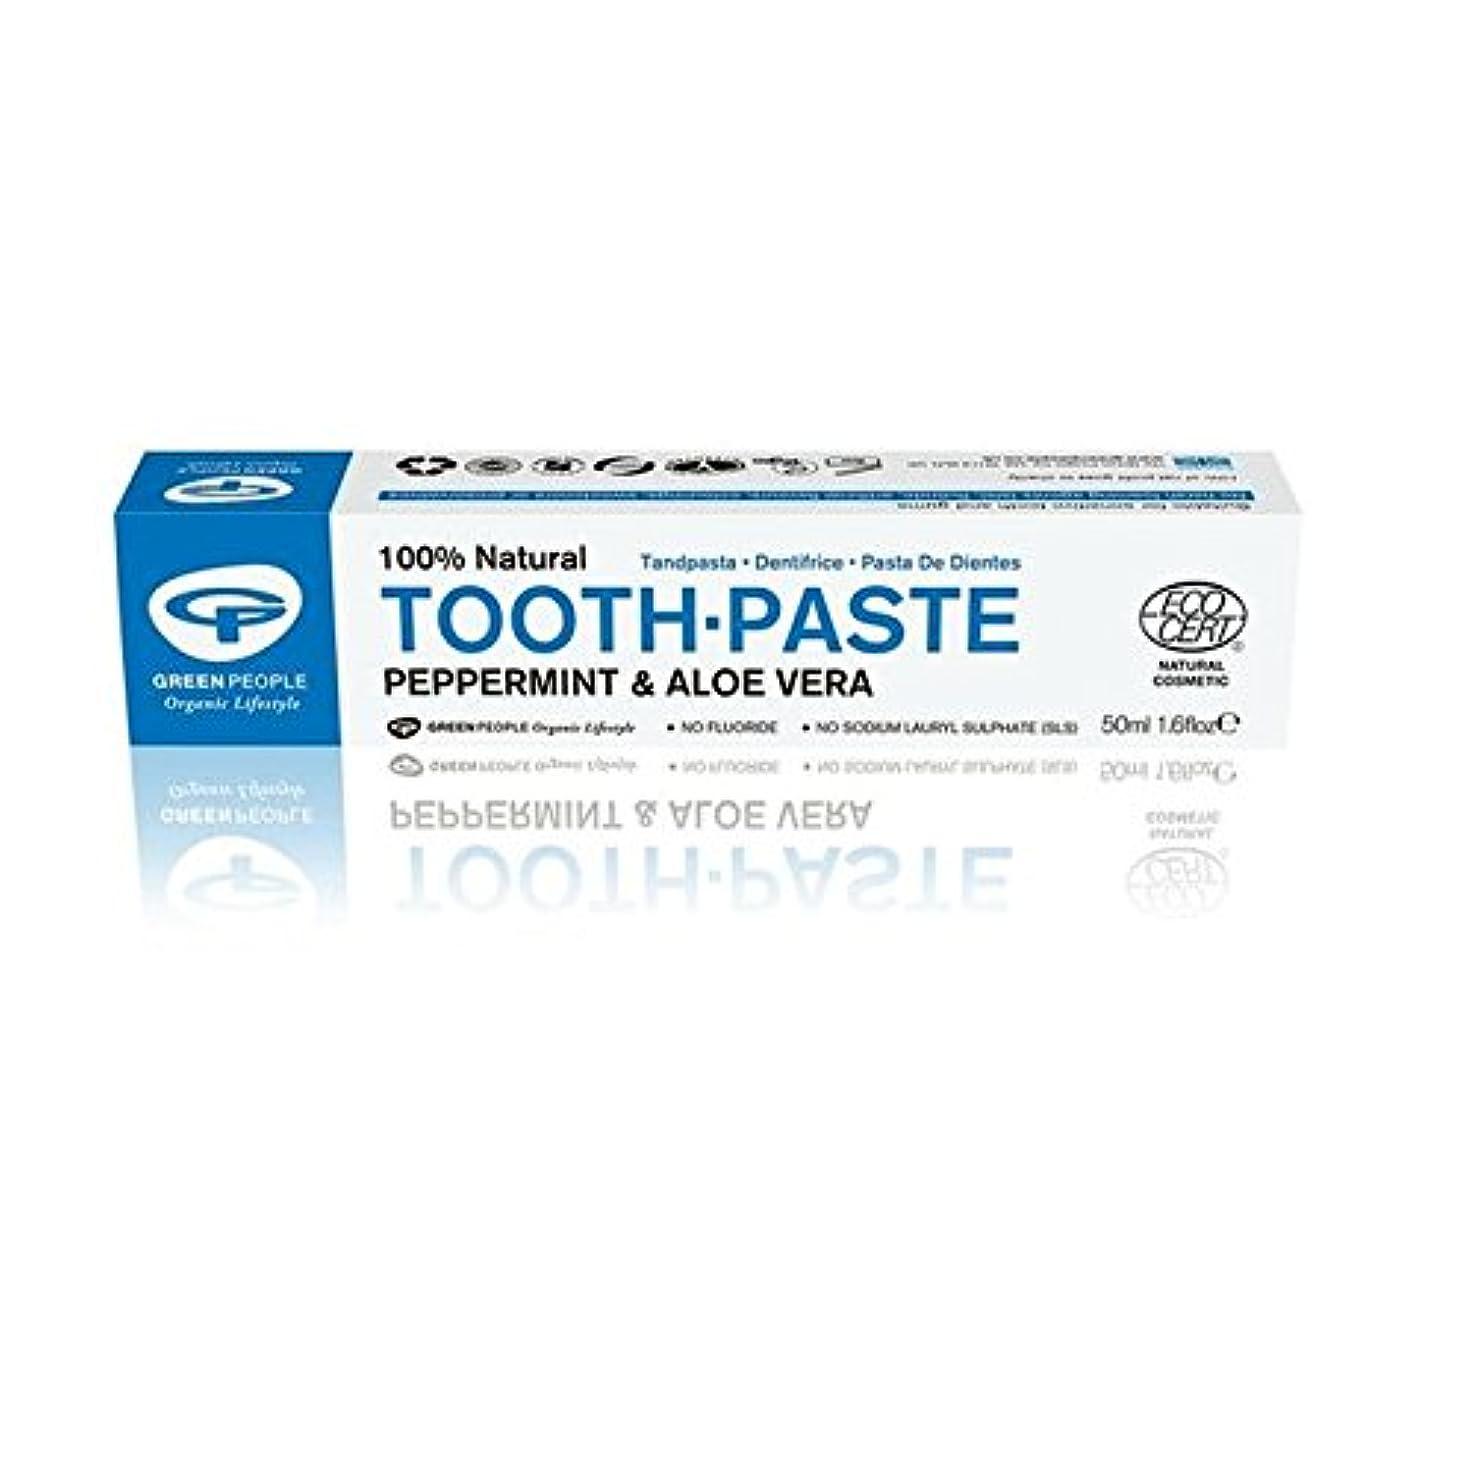 緑の人々の自然ミント歯磨き粉50ミリリットル x4 - Green People Natural Mint Toothpaste 50ml (Pack of 4) [並行輸入品]